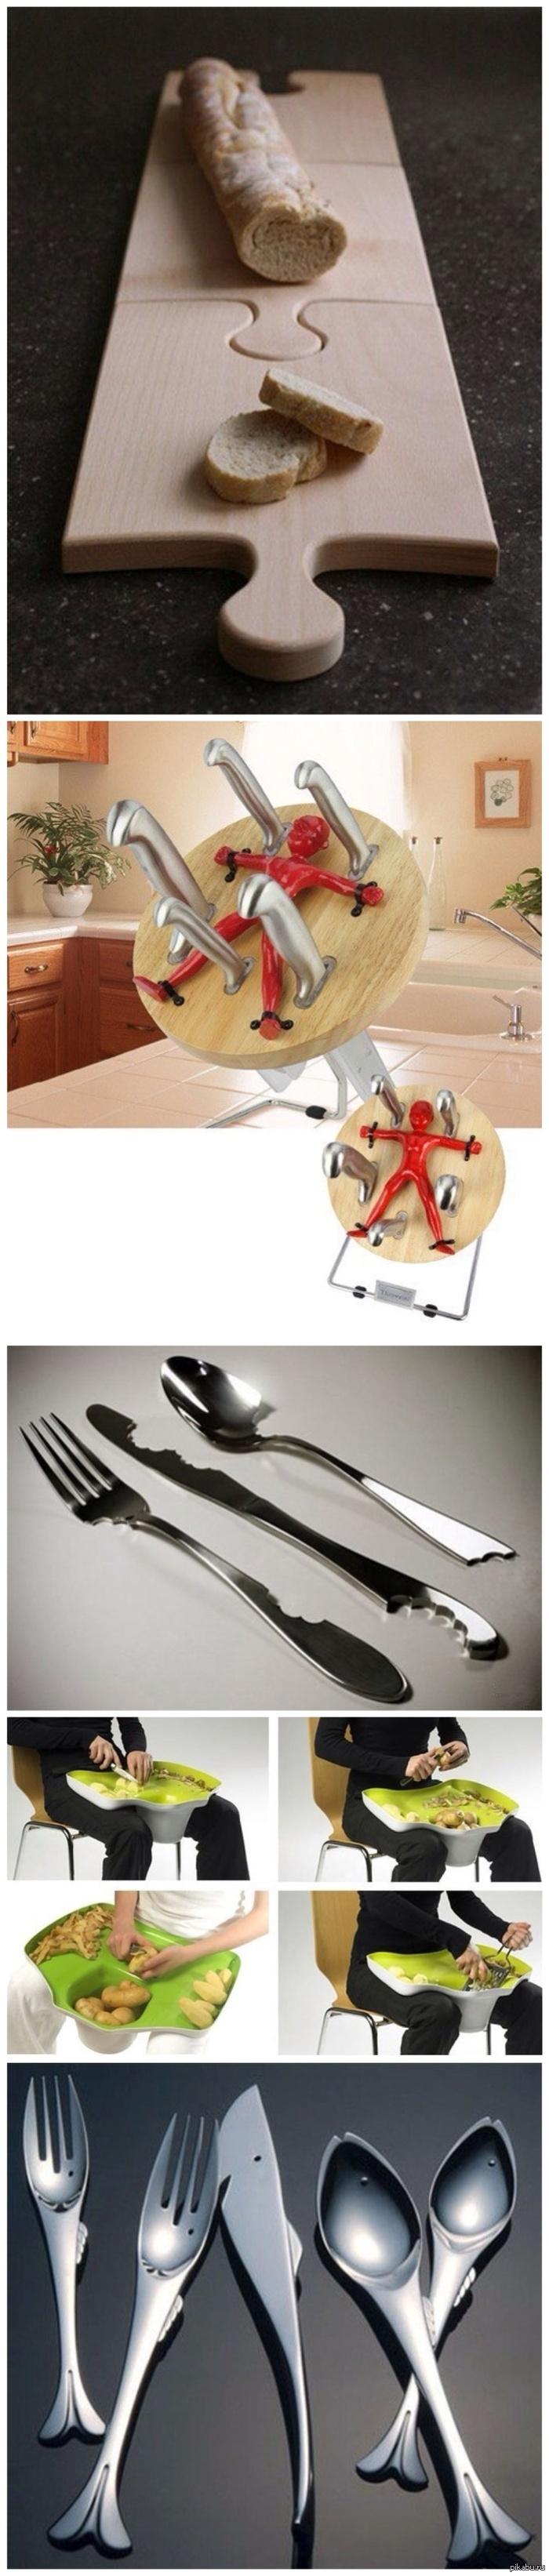 Интересные предметы для кухни. Заимствовано ))